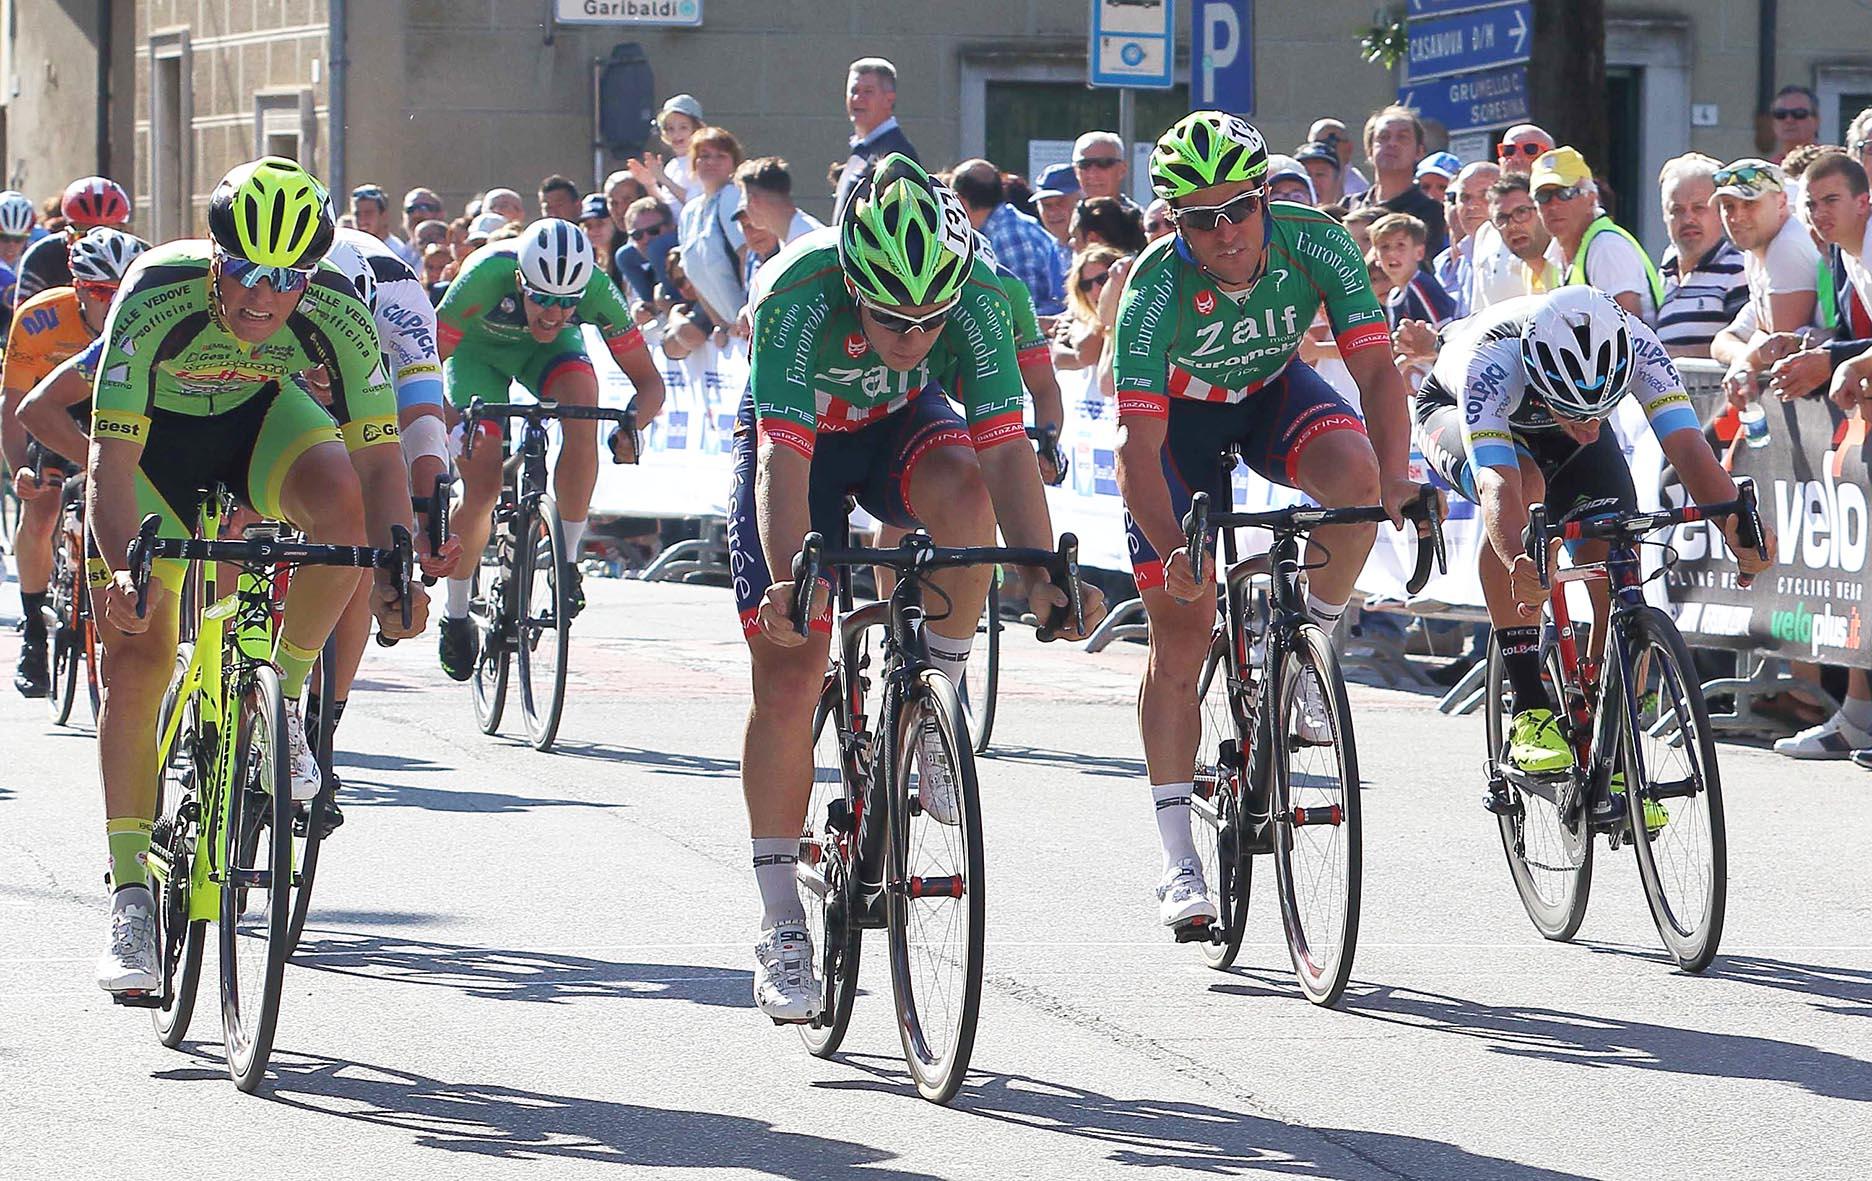 La vittoria di Moreno Marchetti a Sesto Cremonese